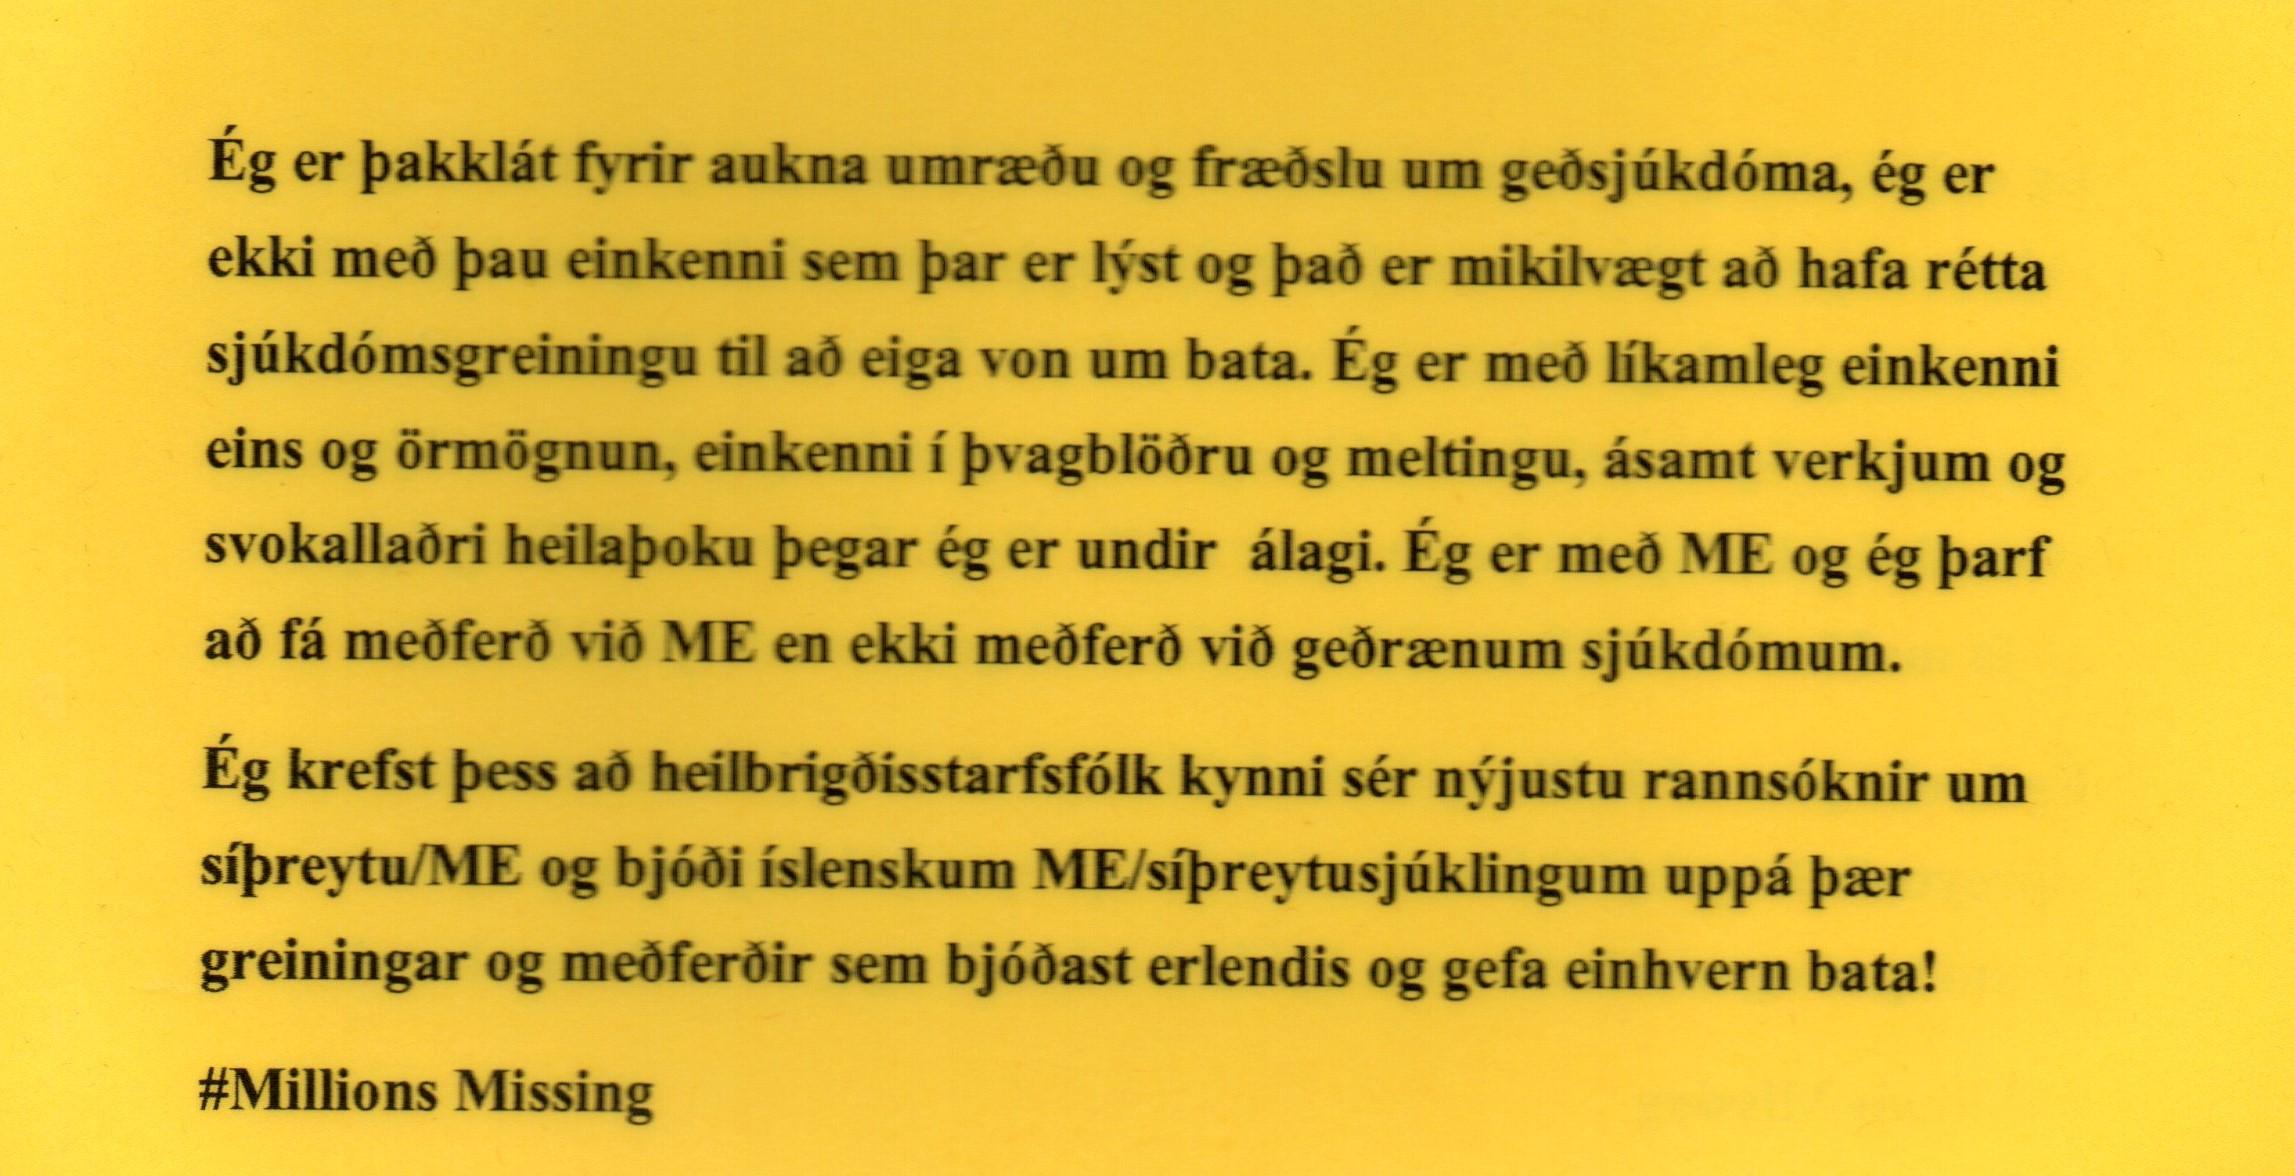 MM ekki geðsjúkdómur